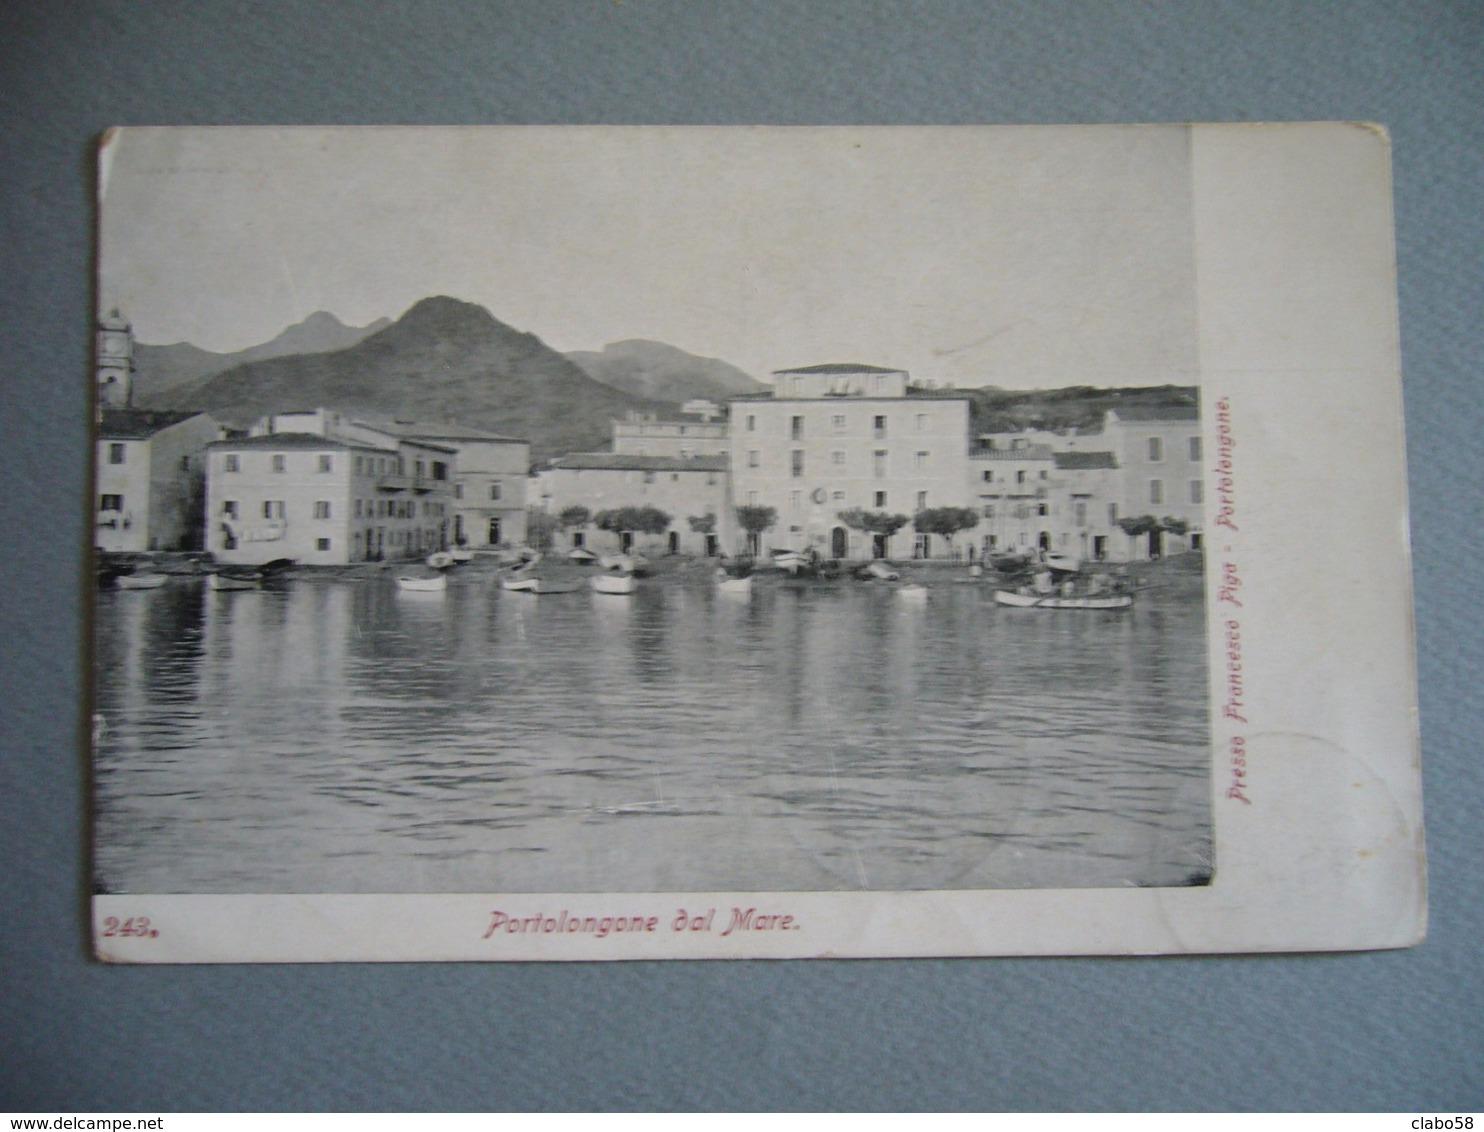 1911 PORTO LONGONE (ISOLA D'ELBA)  DAL MARE - Livorno